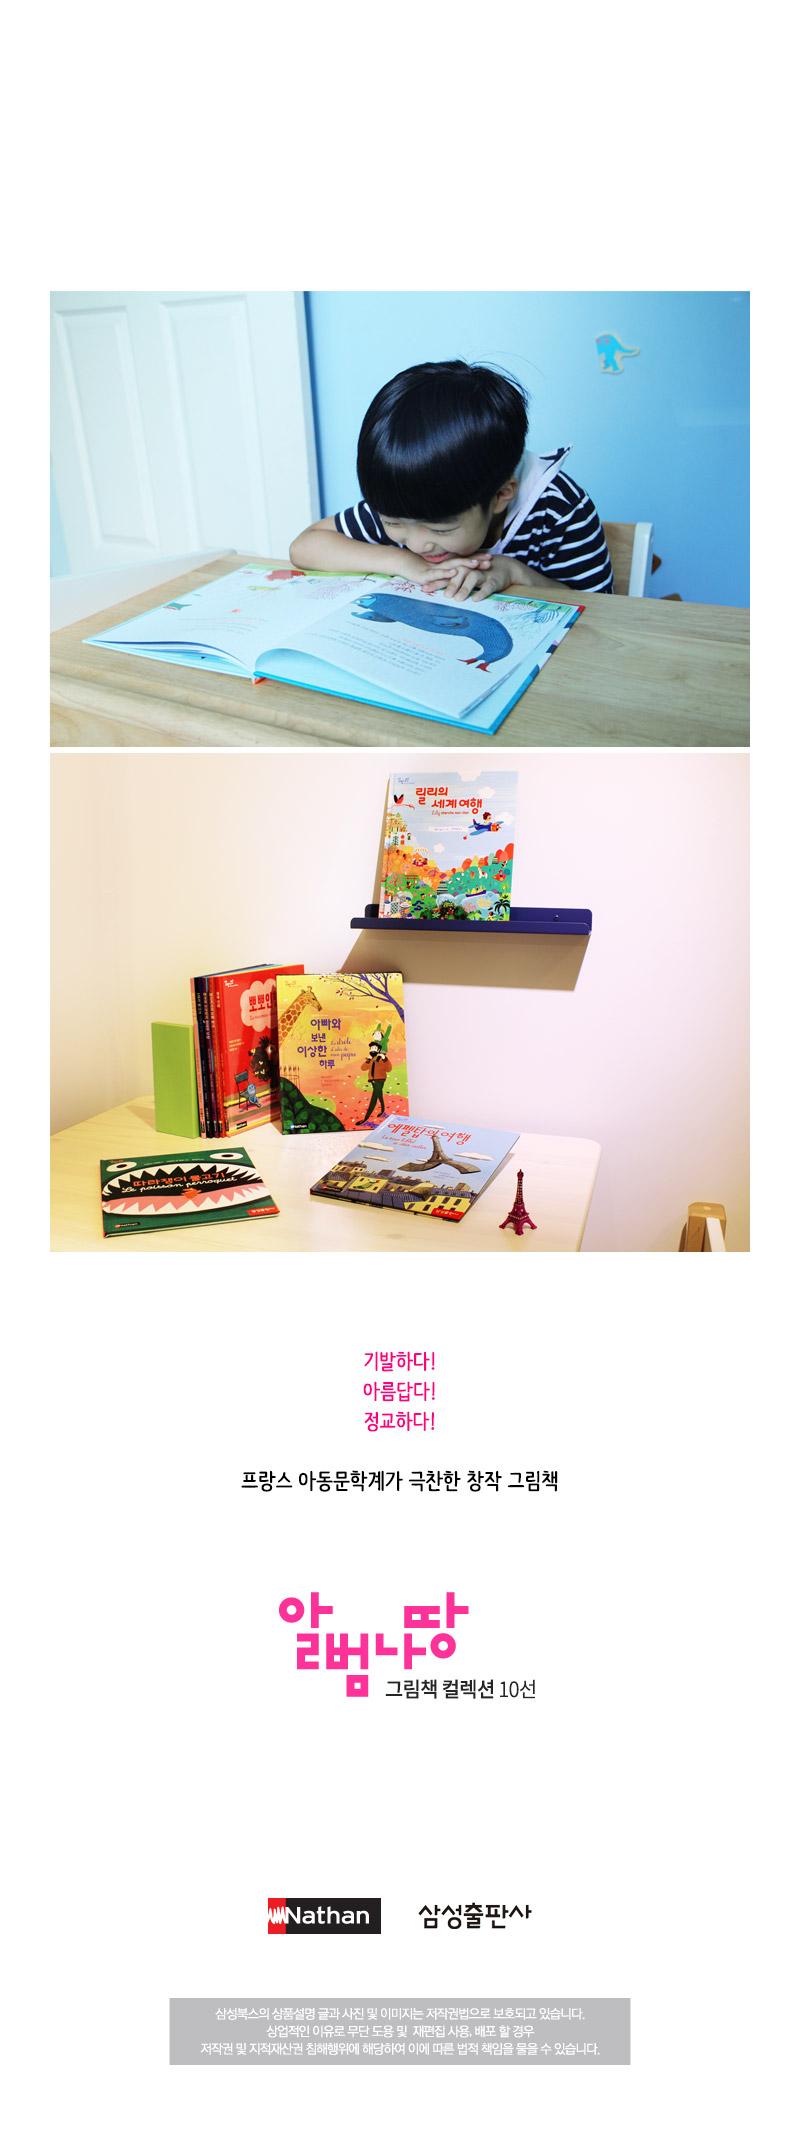 삼성출판사 알범 나땅 그림책 컬렉션 10